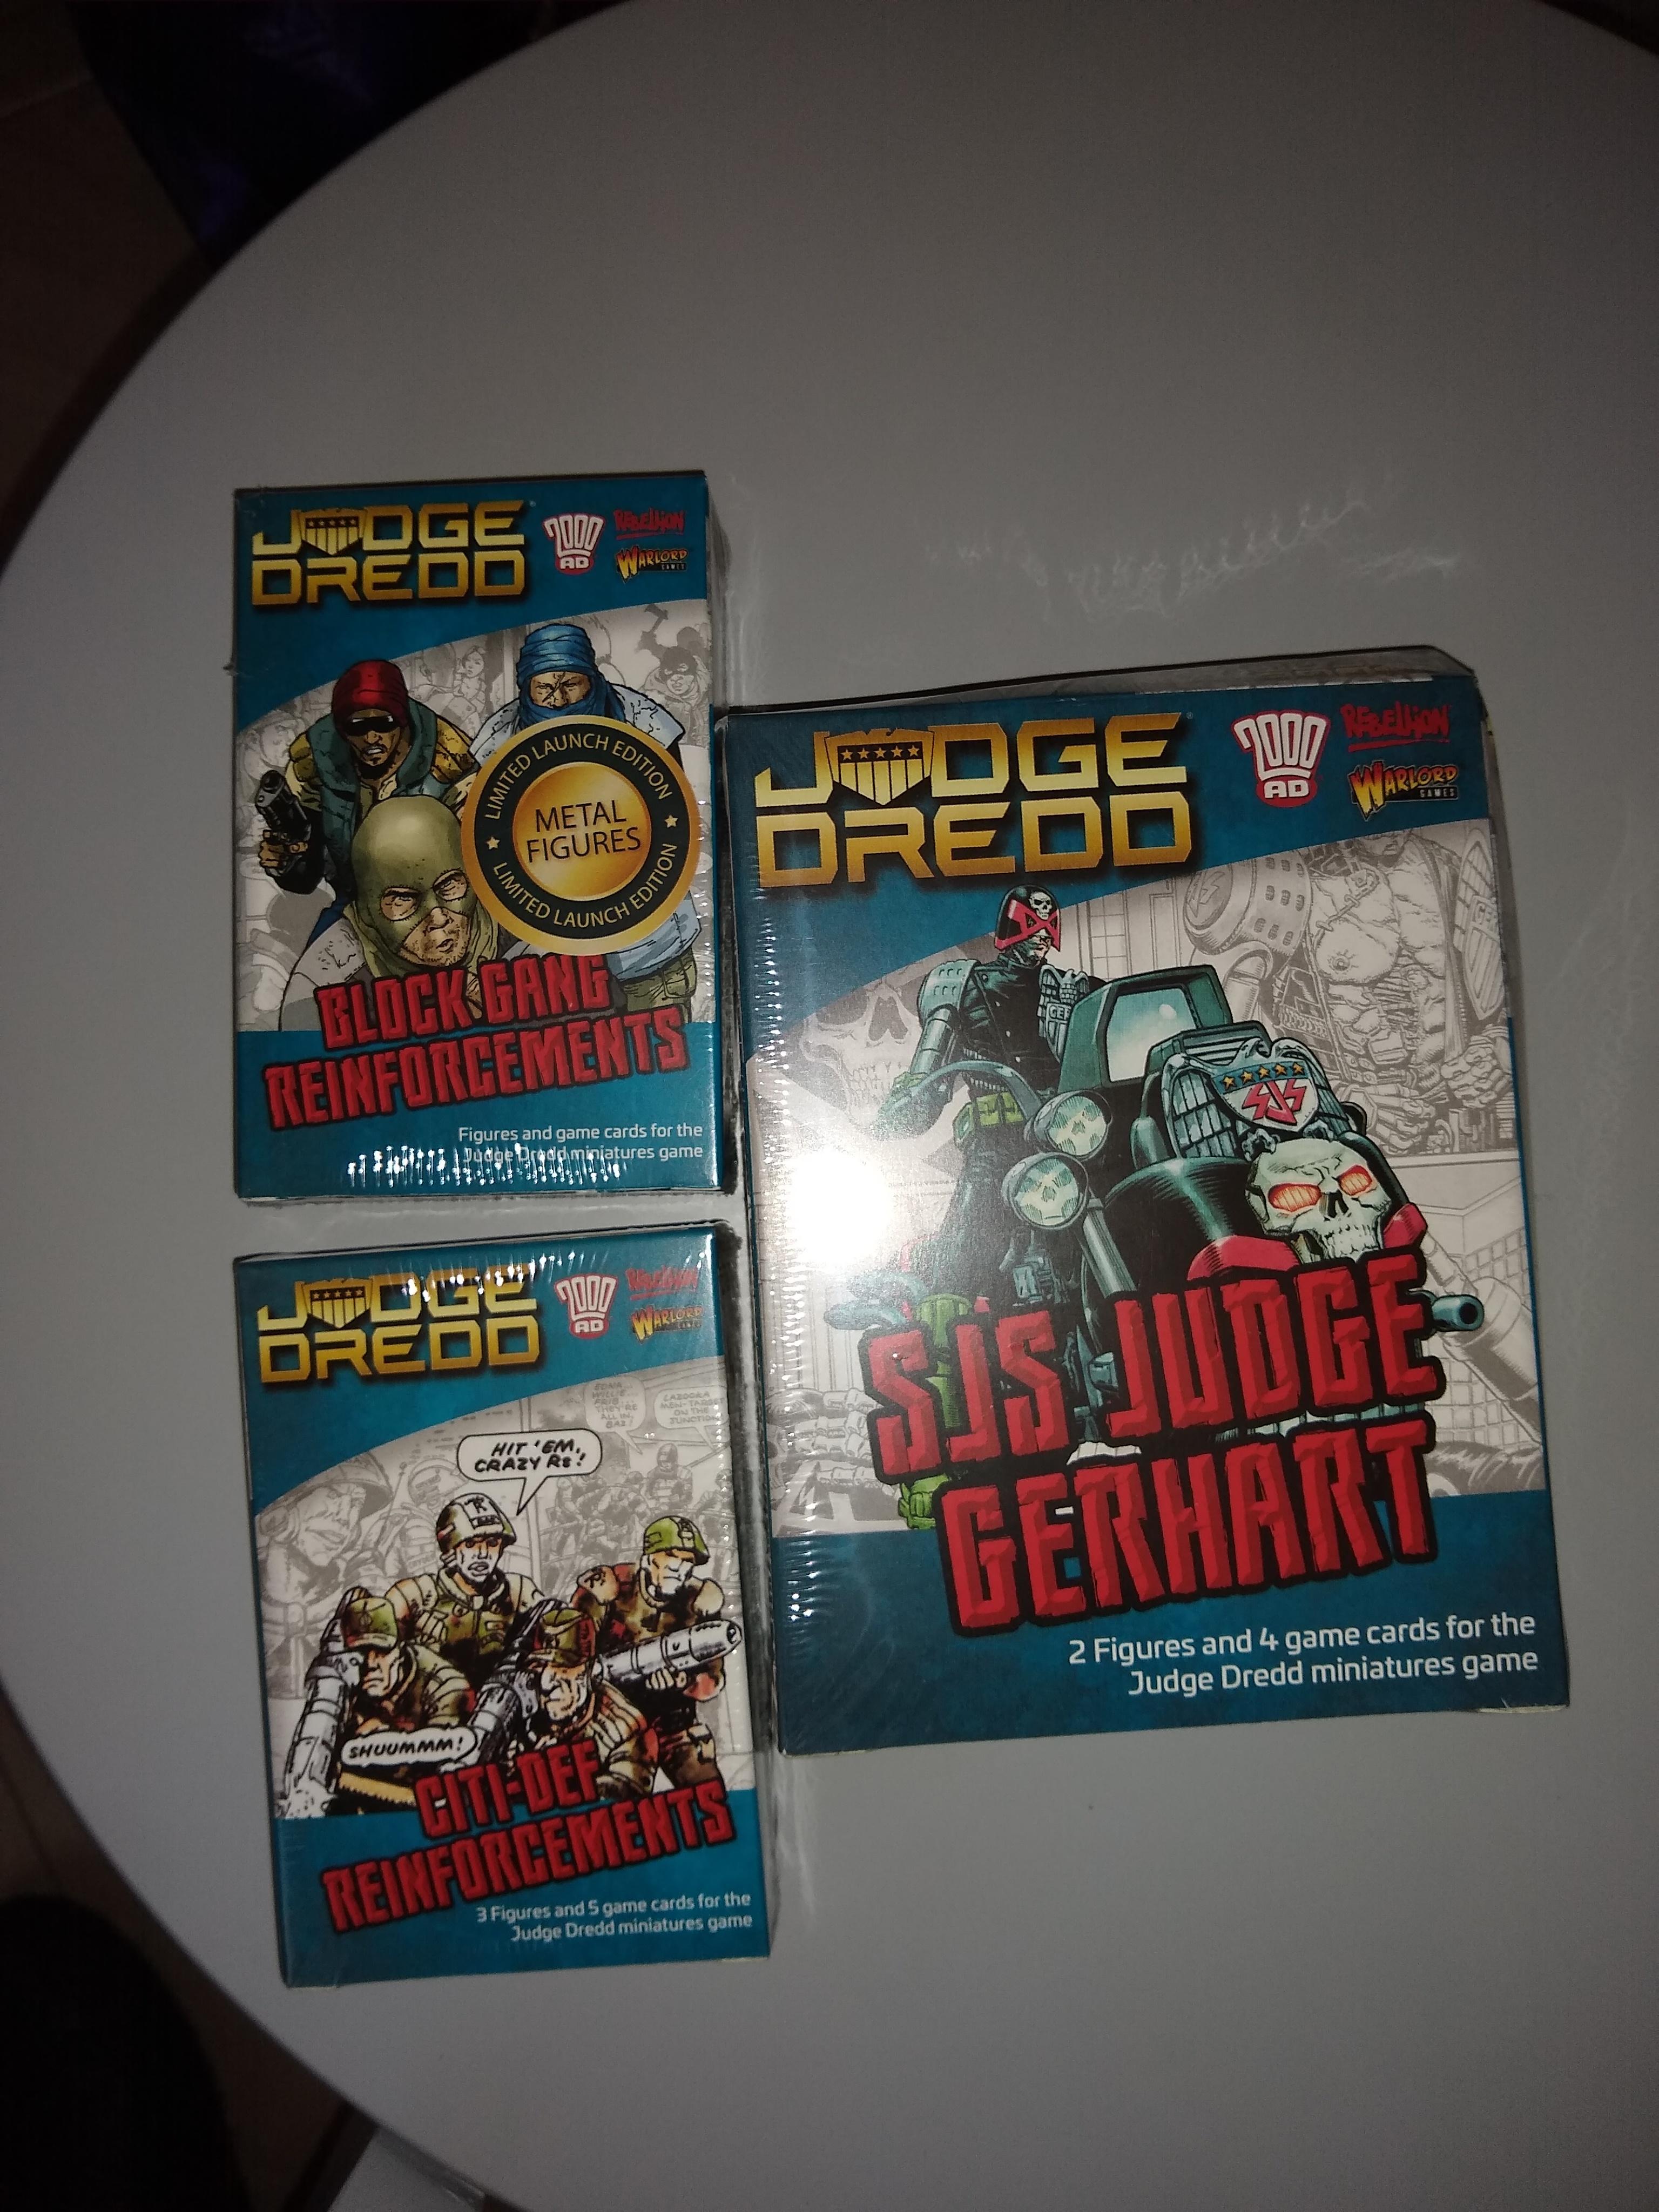 Dredd supplies